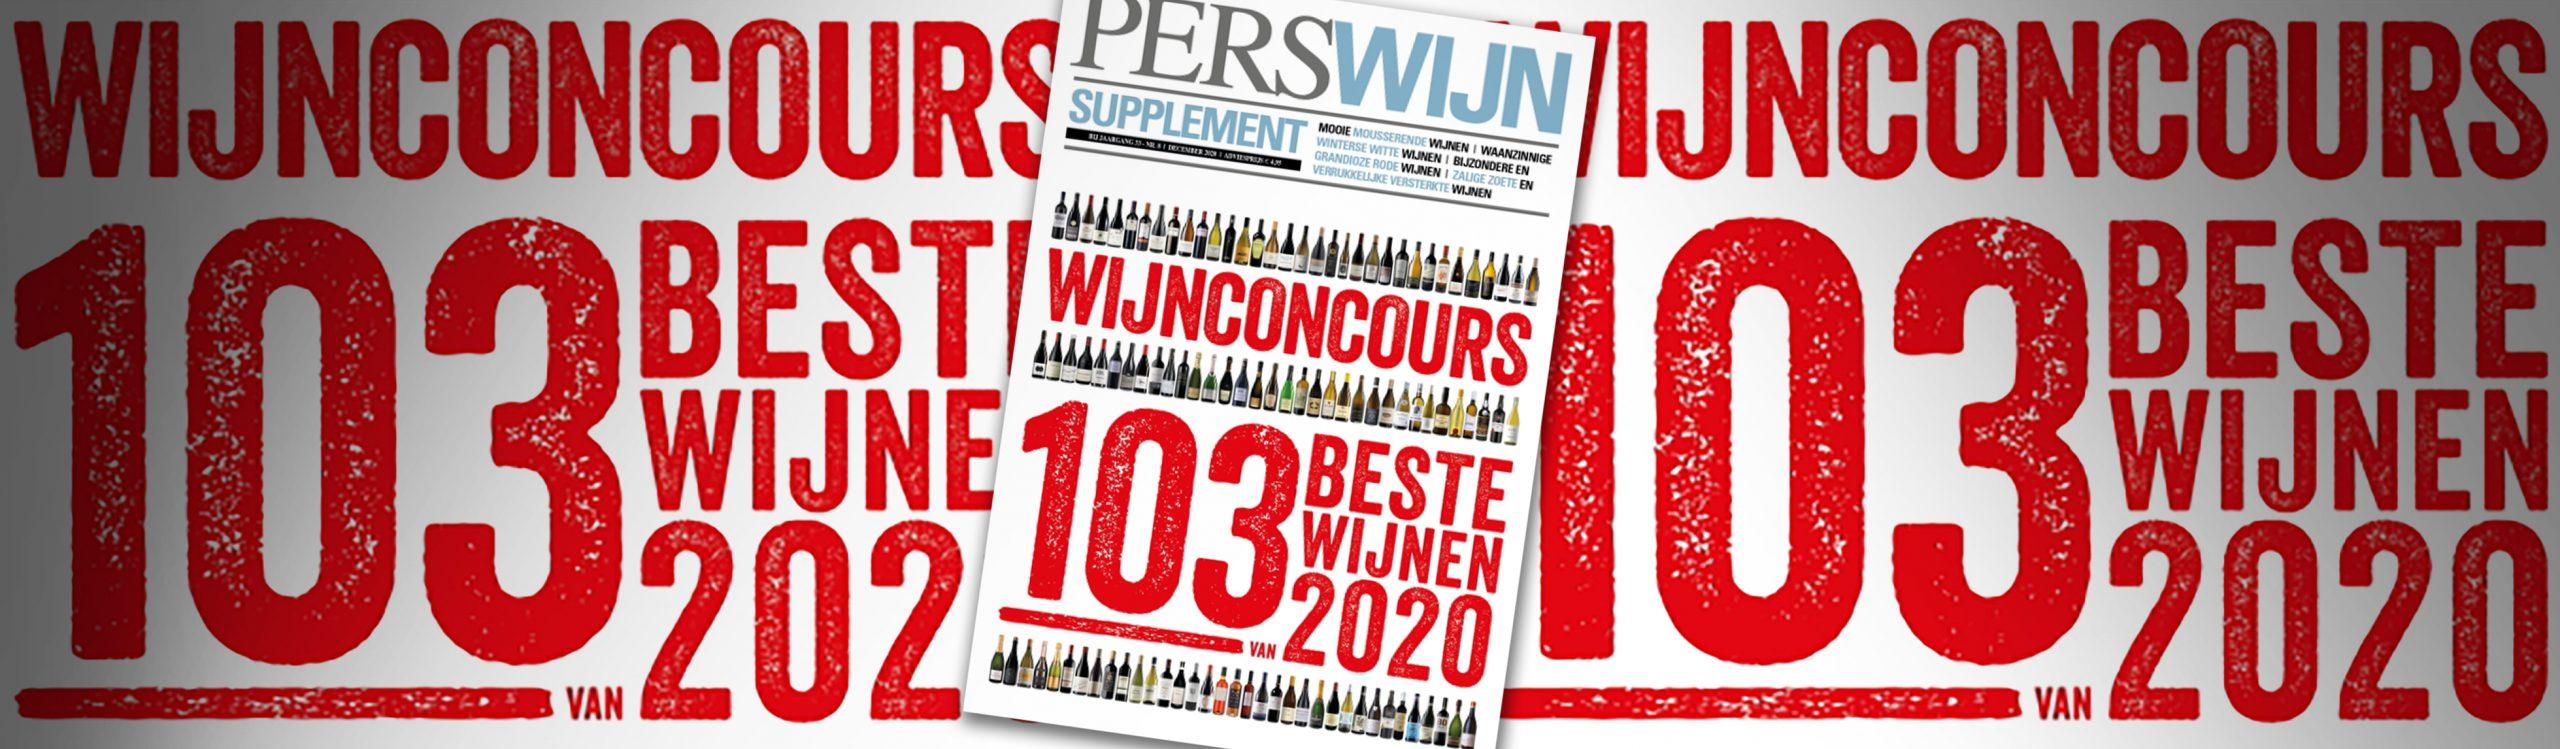 Delamotte & Taylor's winnaars Perswijn Wijnconcours 2020